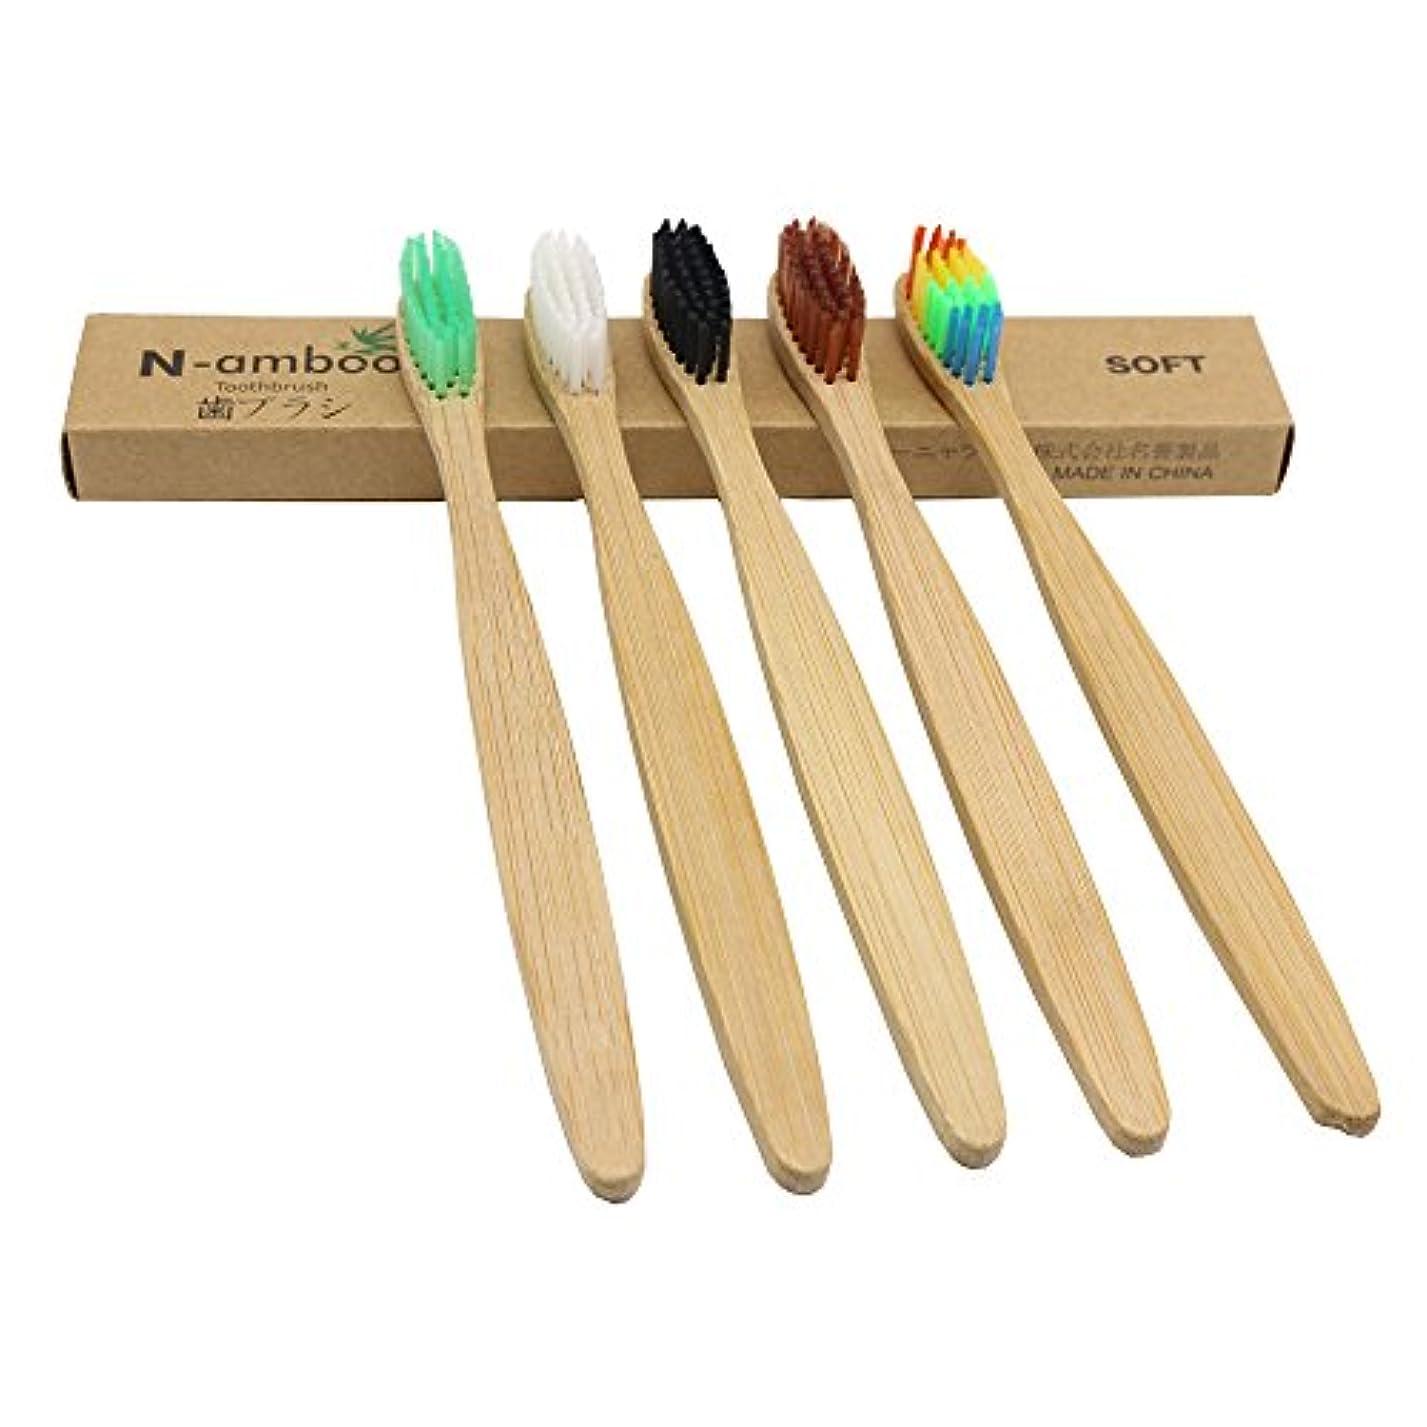 シャープジョブ採用するN-amboo 竹製 歯ブラシ 高耐久性 5種類 セット エコ 軽量 5本入り